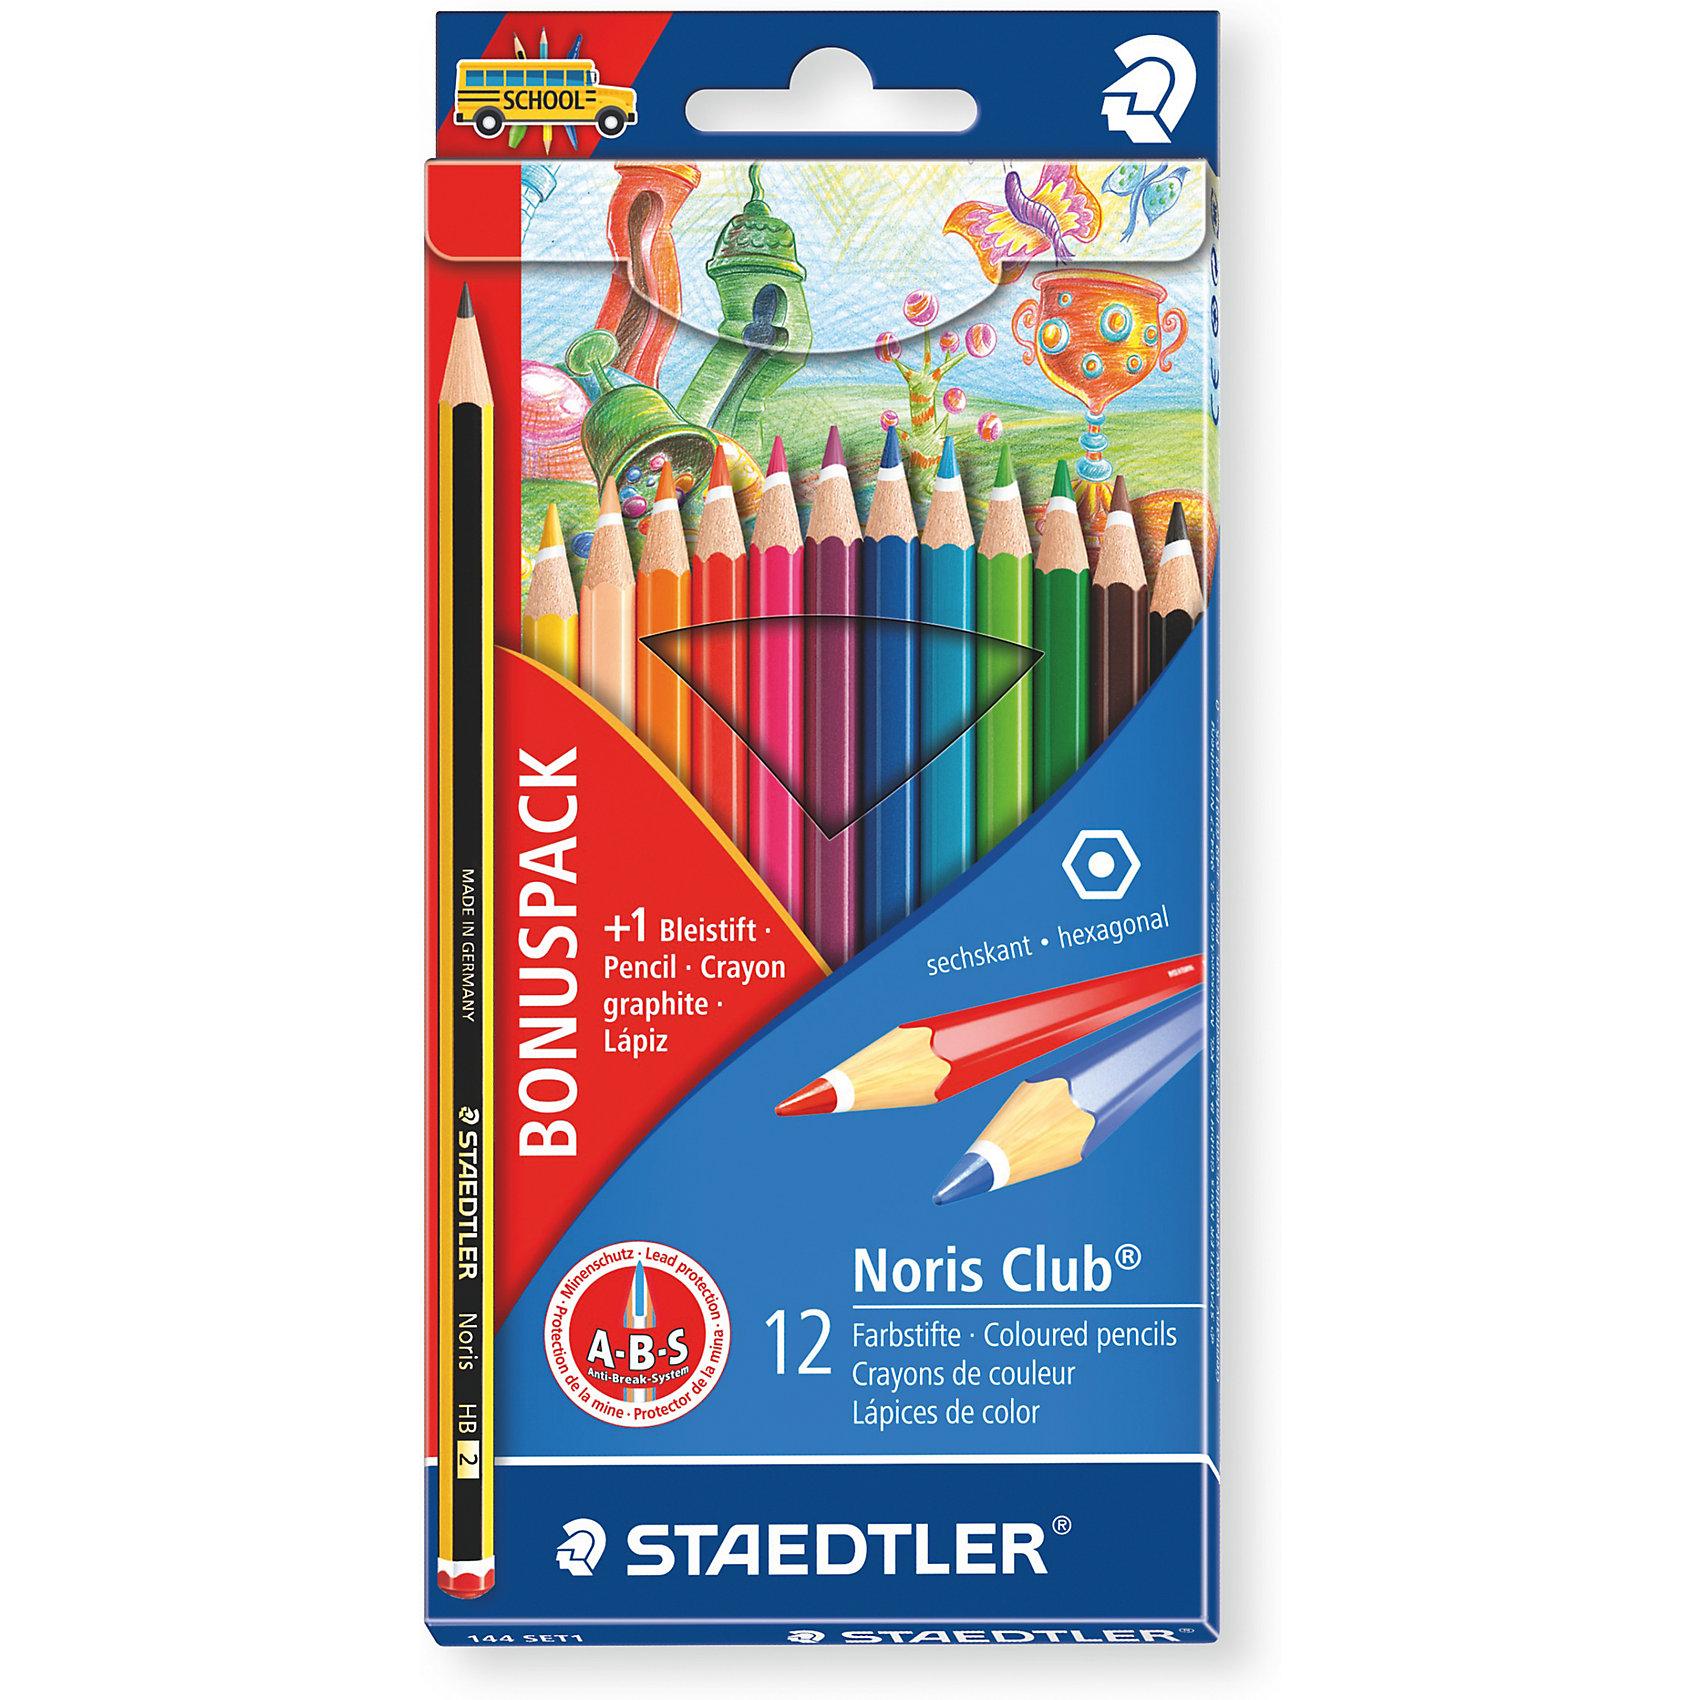 Карандаш цветной Noris Club набор 12 цветовПисьменные принадлежности<br>Набор цветных карандашей Noris Club® 144, 12 цветов в  картонной упаковке + 1 чернографитовый карандаш 120-2 - бесплатно. Карандаши уложены в 1ряд. Классическая шестигранная форма. A-B-S - белое защитное покрытие для укрепления грифеля и для защиты от поломки. Очень мягкий и яркий грифель. При производстве используется древесина сертифицированных и специально подготовленных лесов.<br><br>Ширина мм: 190<br>Глубина мм: 95<br>Высота мм: 100<br>Вес г: 750<br>Возраст от месяцев: 36<br>Возраст до месяцев: 2147483647<br>Пол: Унисекс<br>Возраст: Детский<br>SKU: 5529976